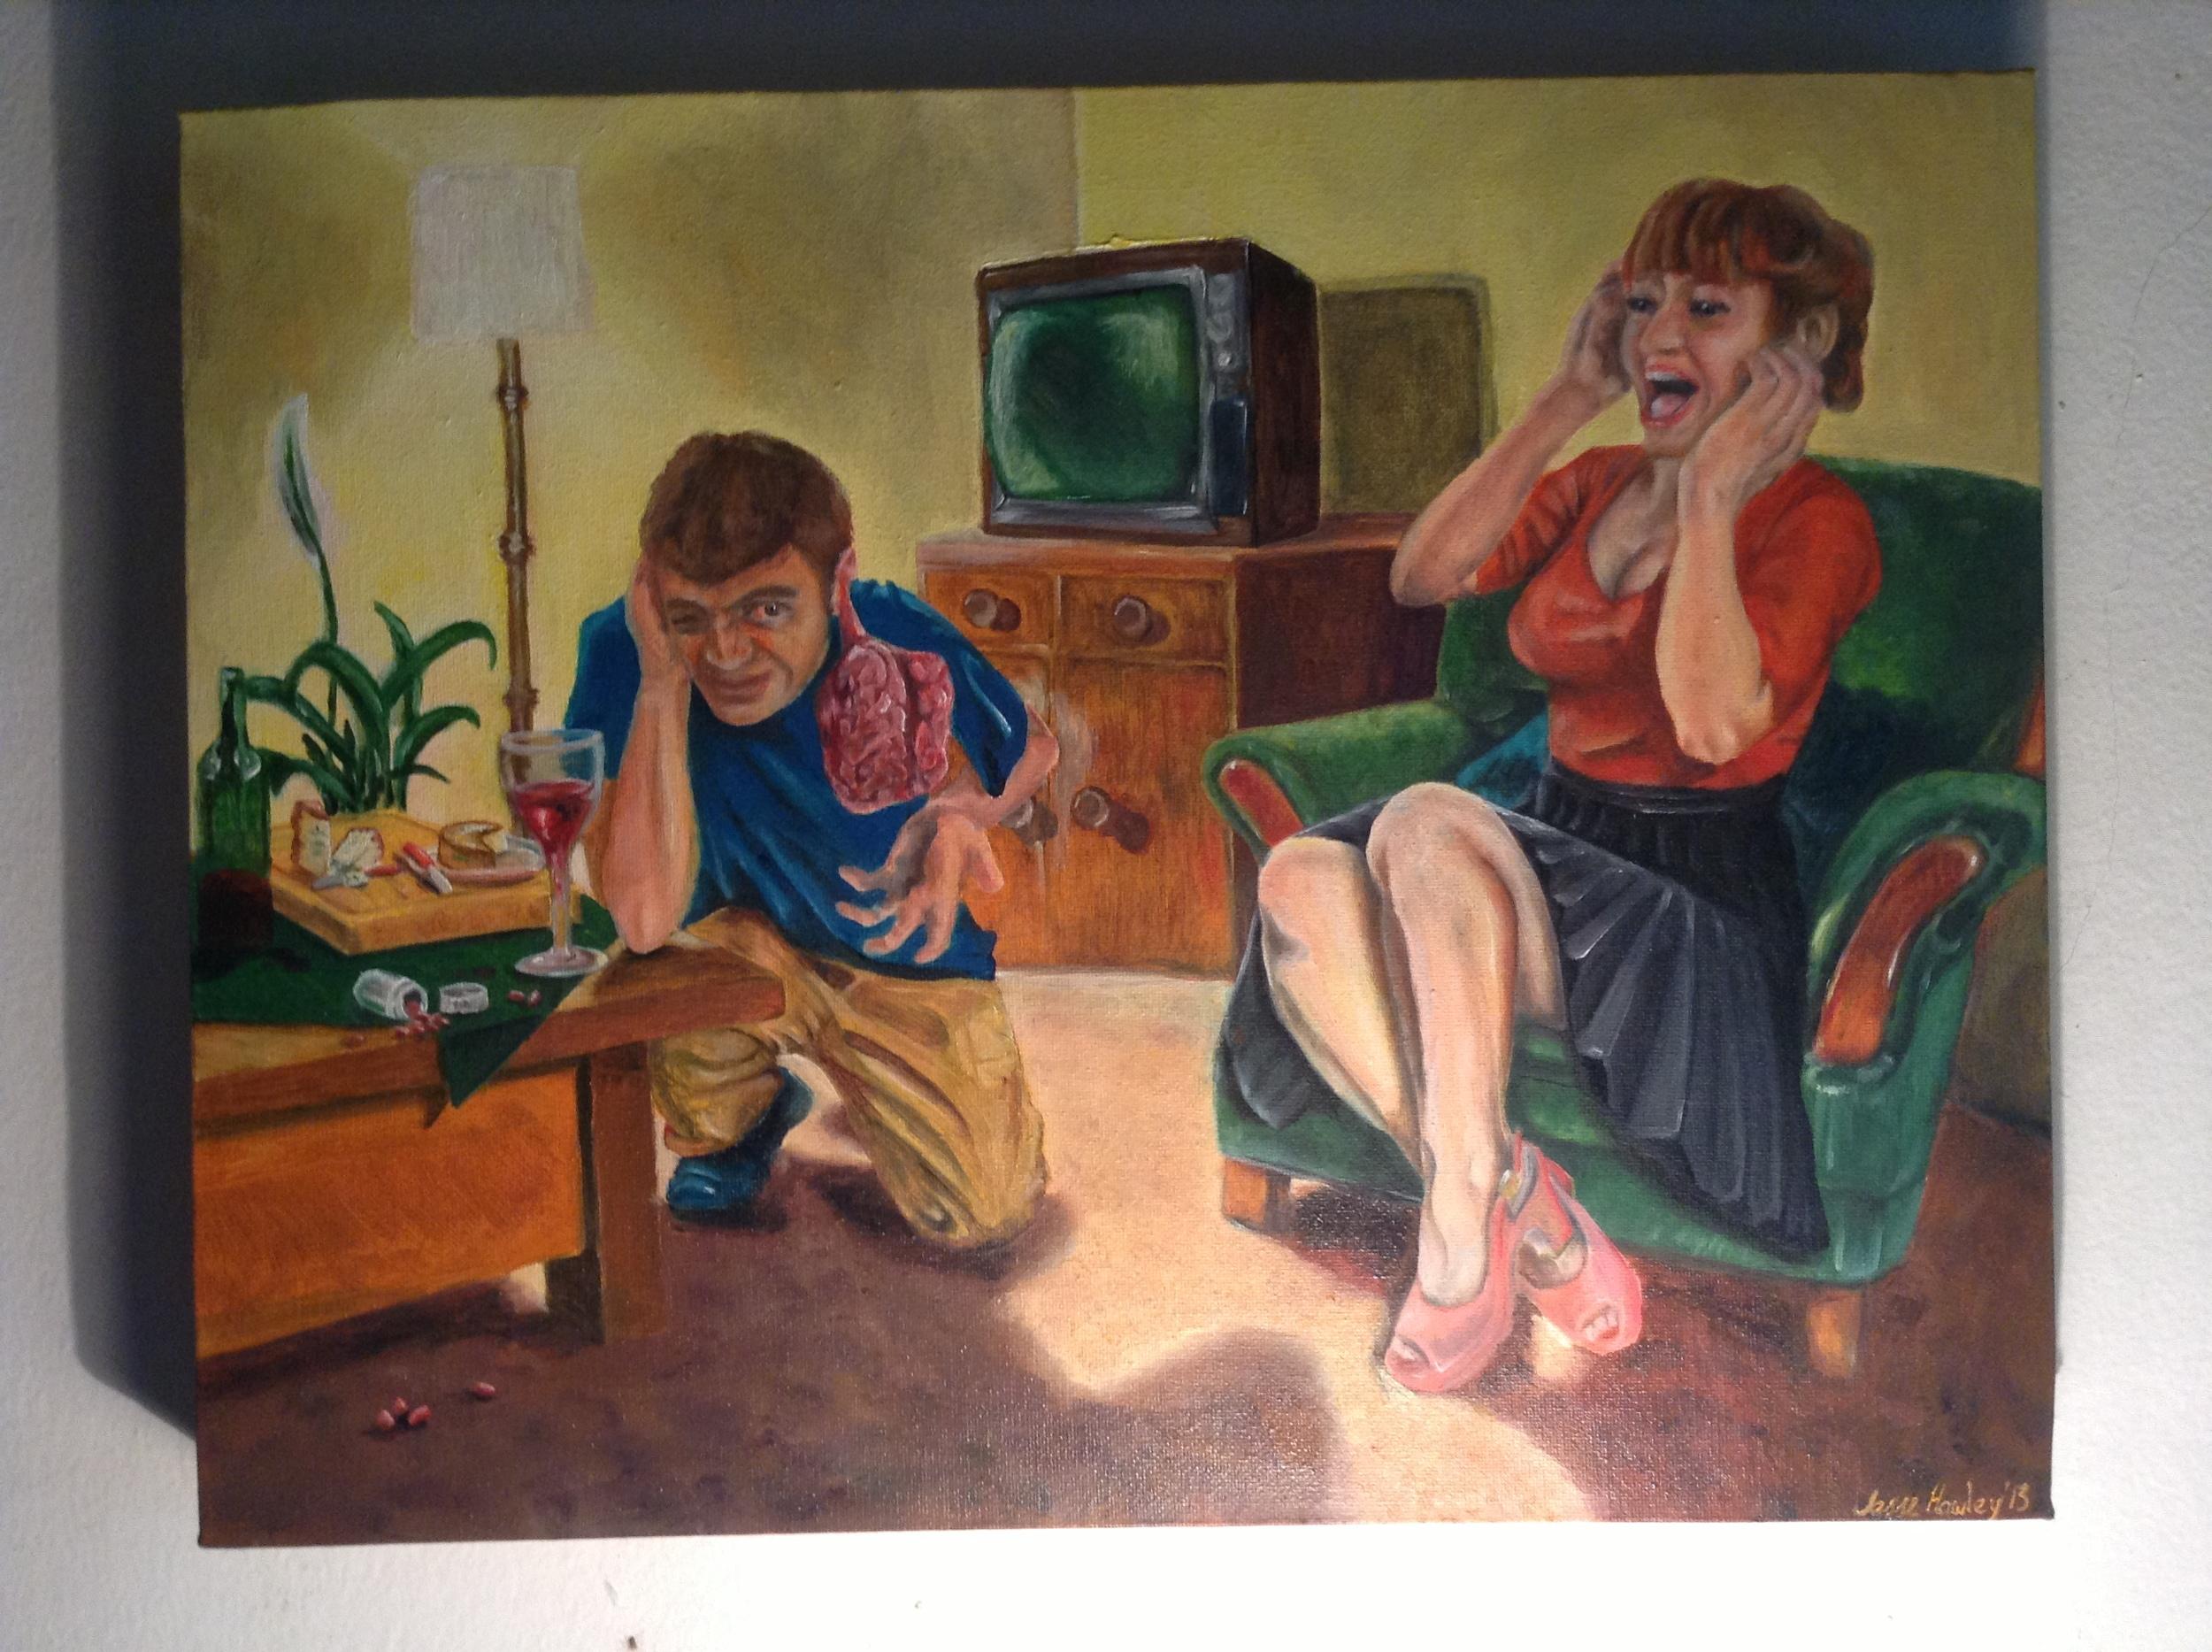 iain mcgregor head on fire maoi painting.JPG